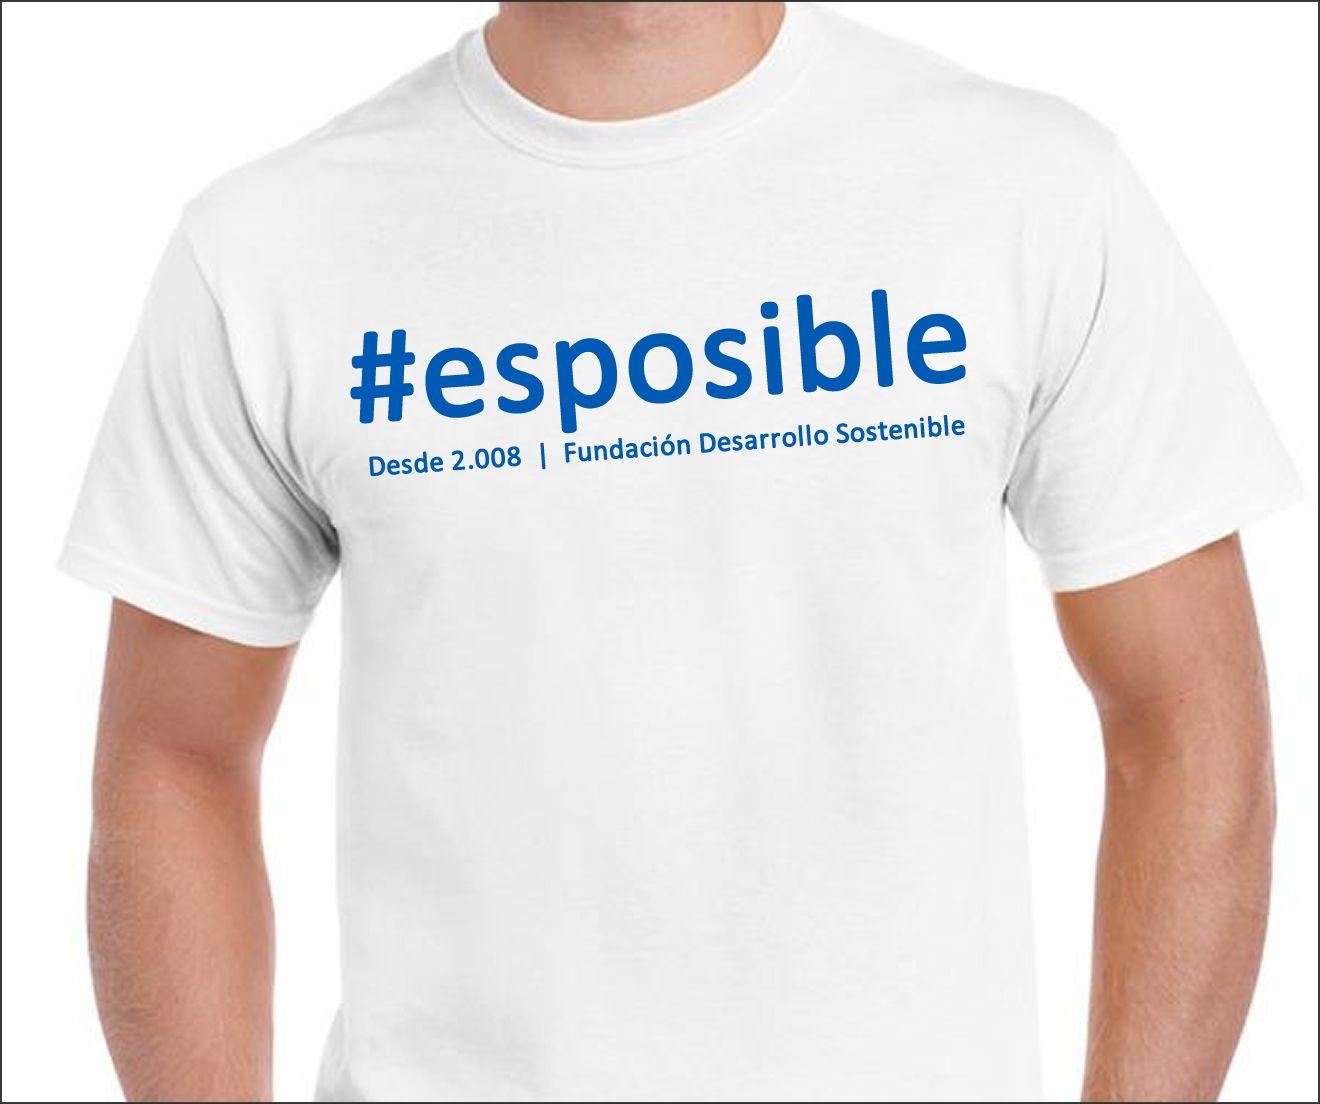 camisetaeco - Donaciones Camiseta Ecológica